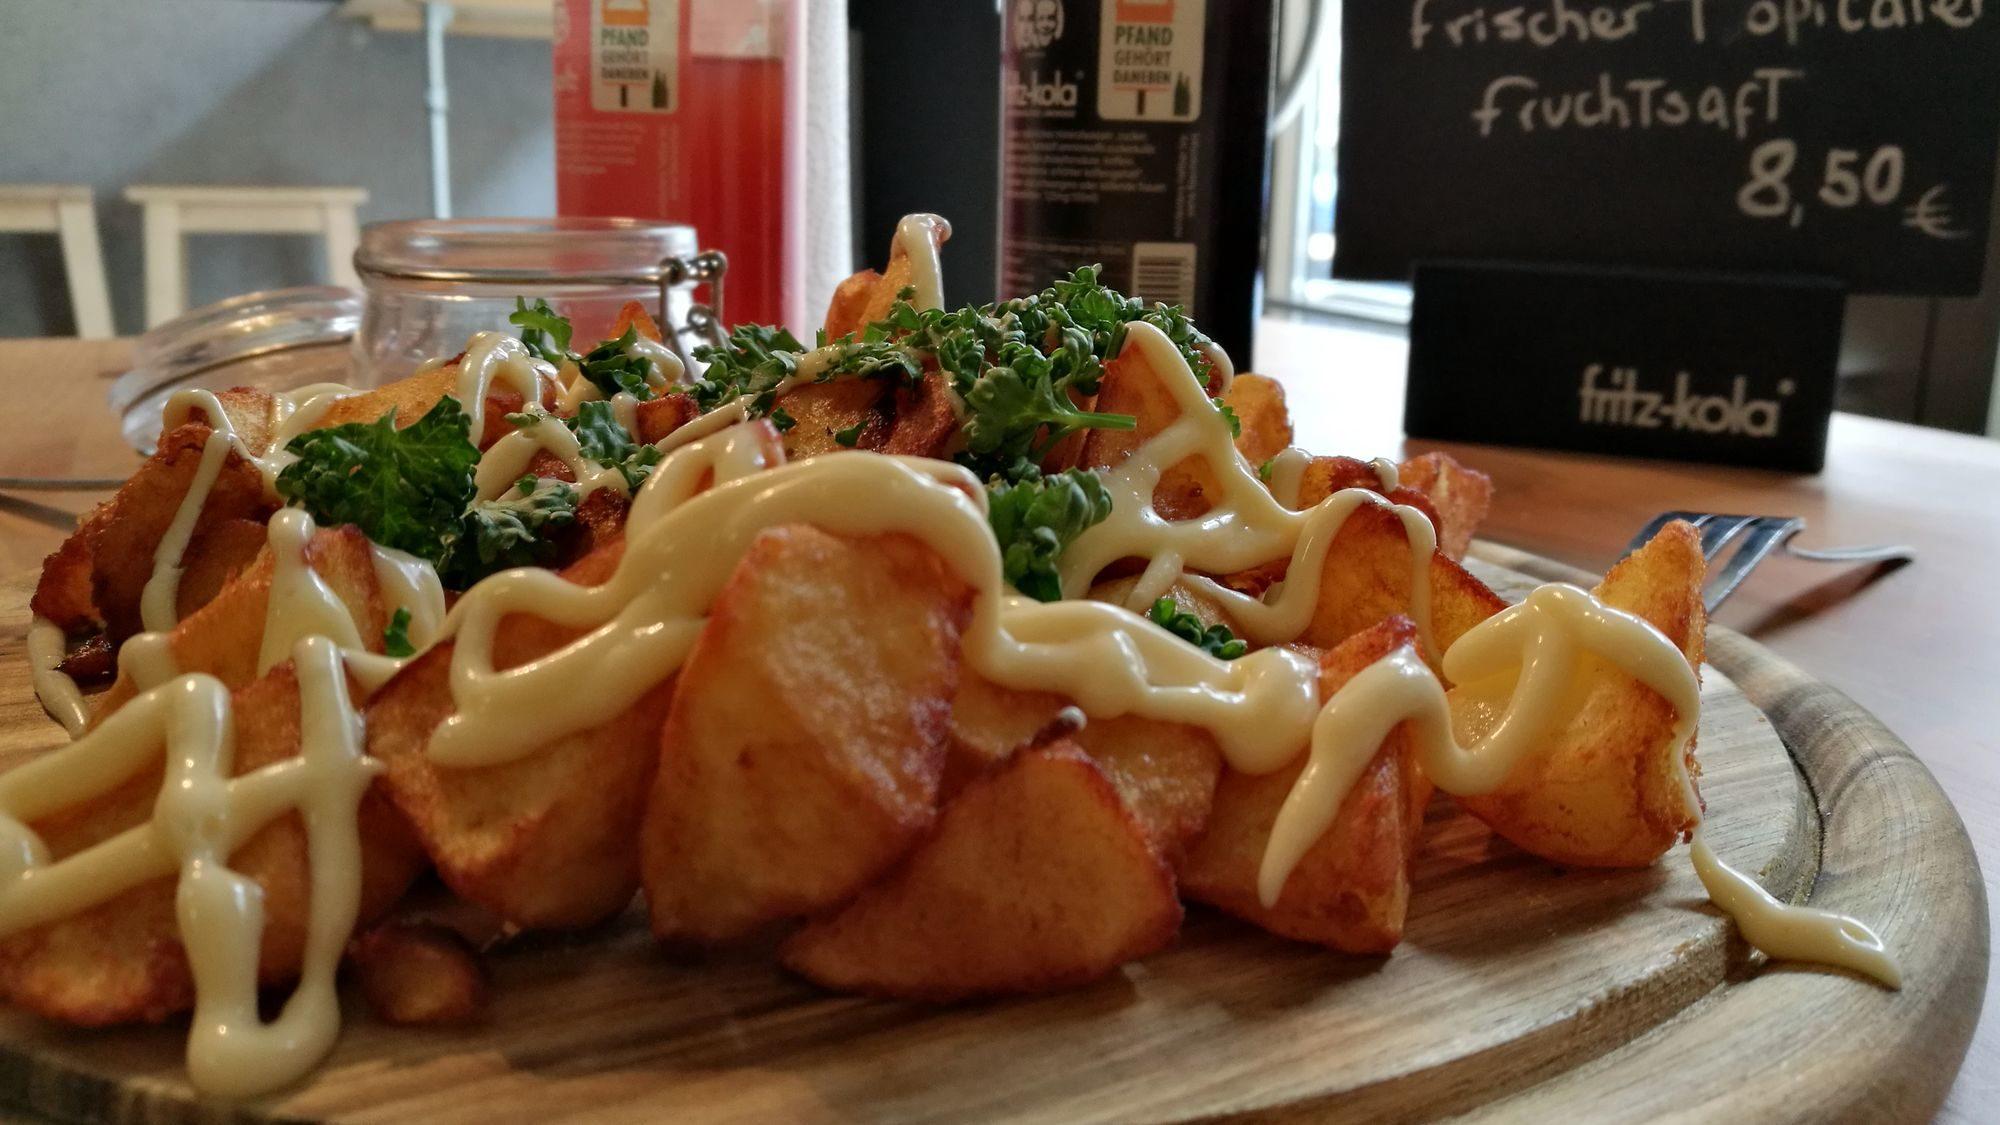 Patatas bravas - Kartoffelecken